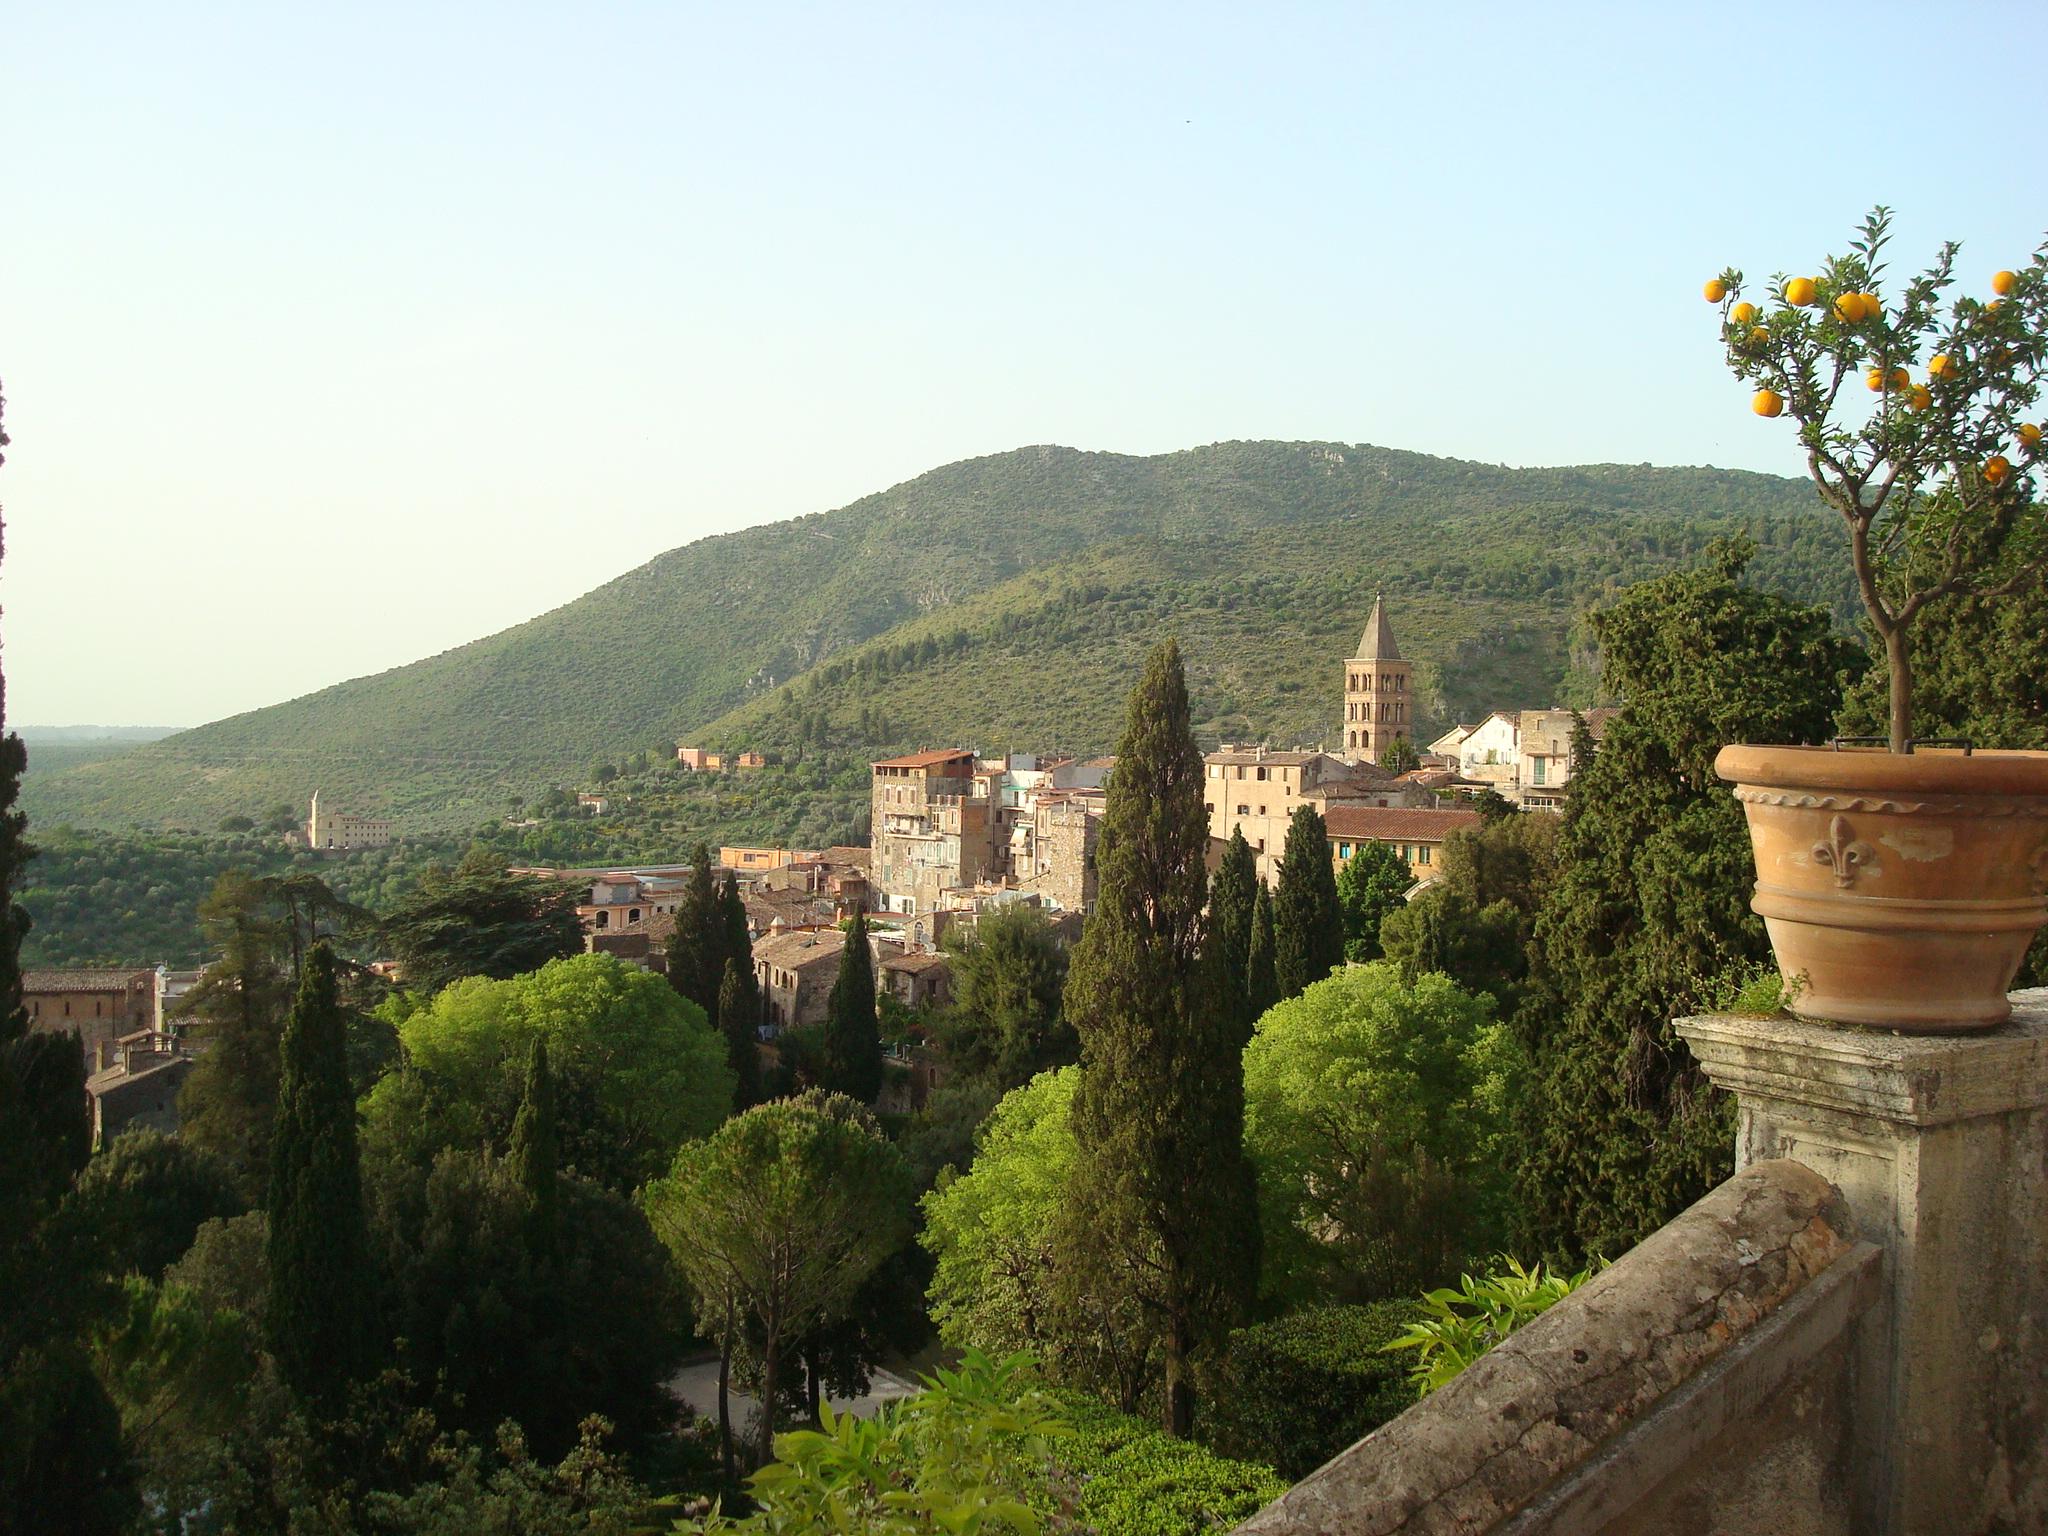 Villa D'Este view